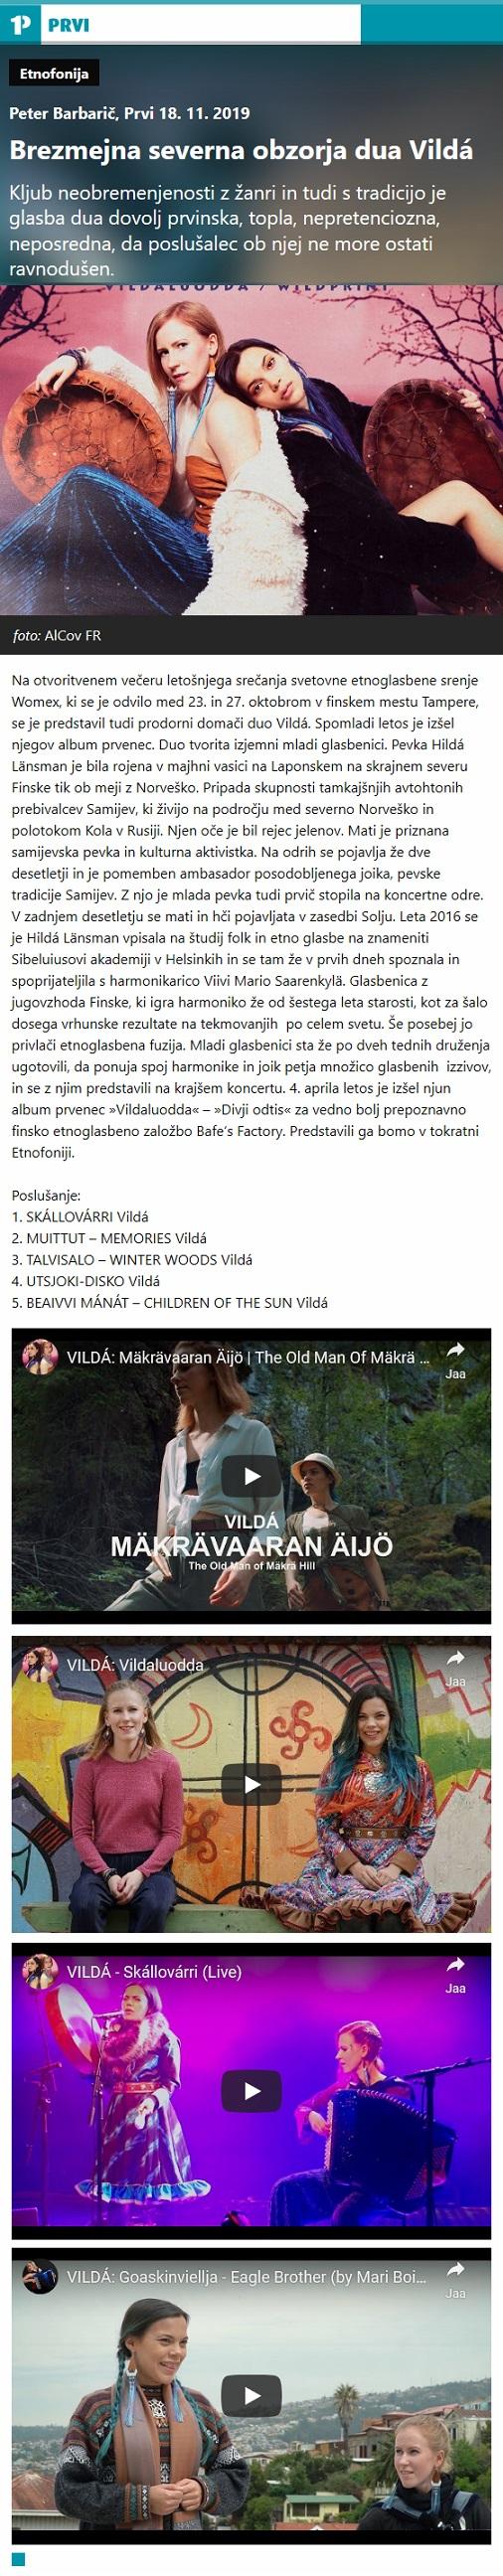 Radio PRVI, Etnofonija, Brezmejna severna obzorja dua Vildá (Slovenia), 18.11.2019